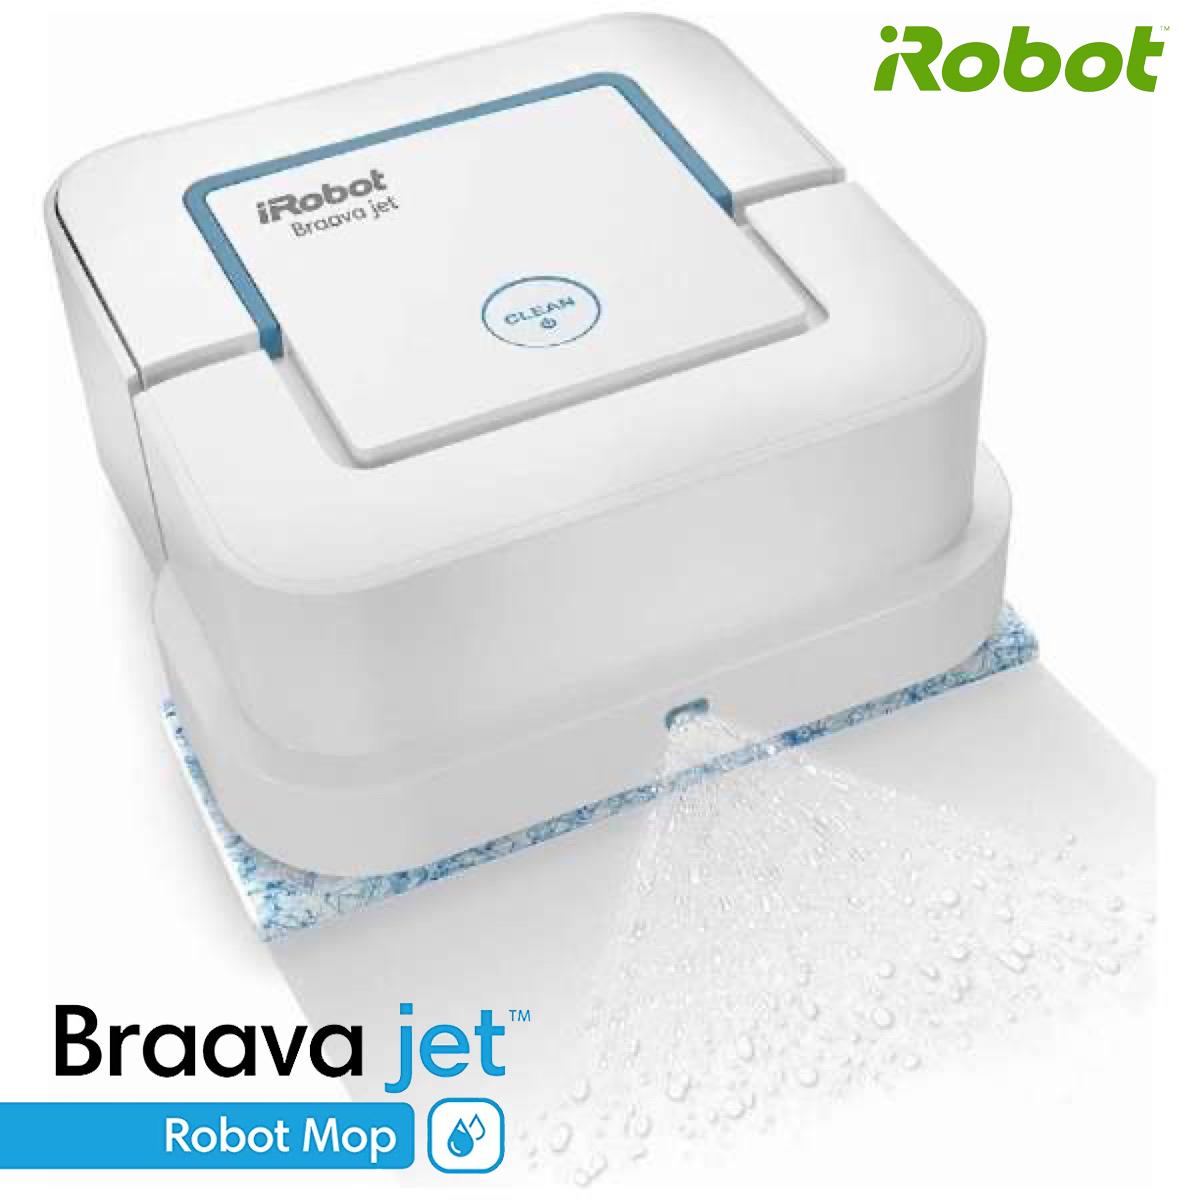 ジェットスプレーで汚れを浮かび上がらせます iRobot ブラーバ ジェット 240 アイロボット 床拭きロボット 水拭き から拭き ホワイト B240060 ロボット掃除機 ルンバ Braava Jetet (SN)